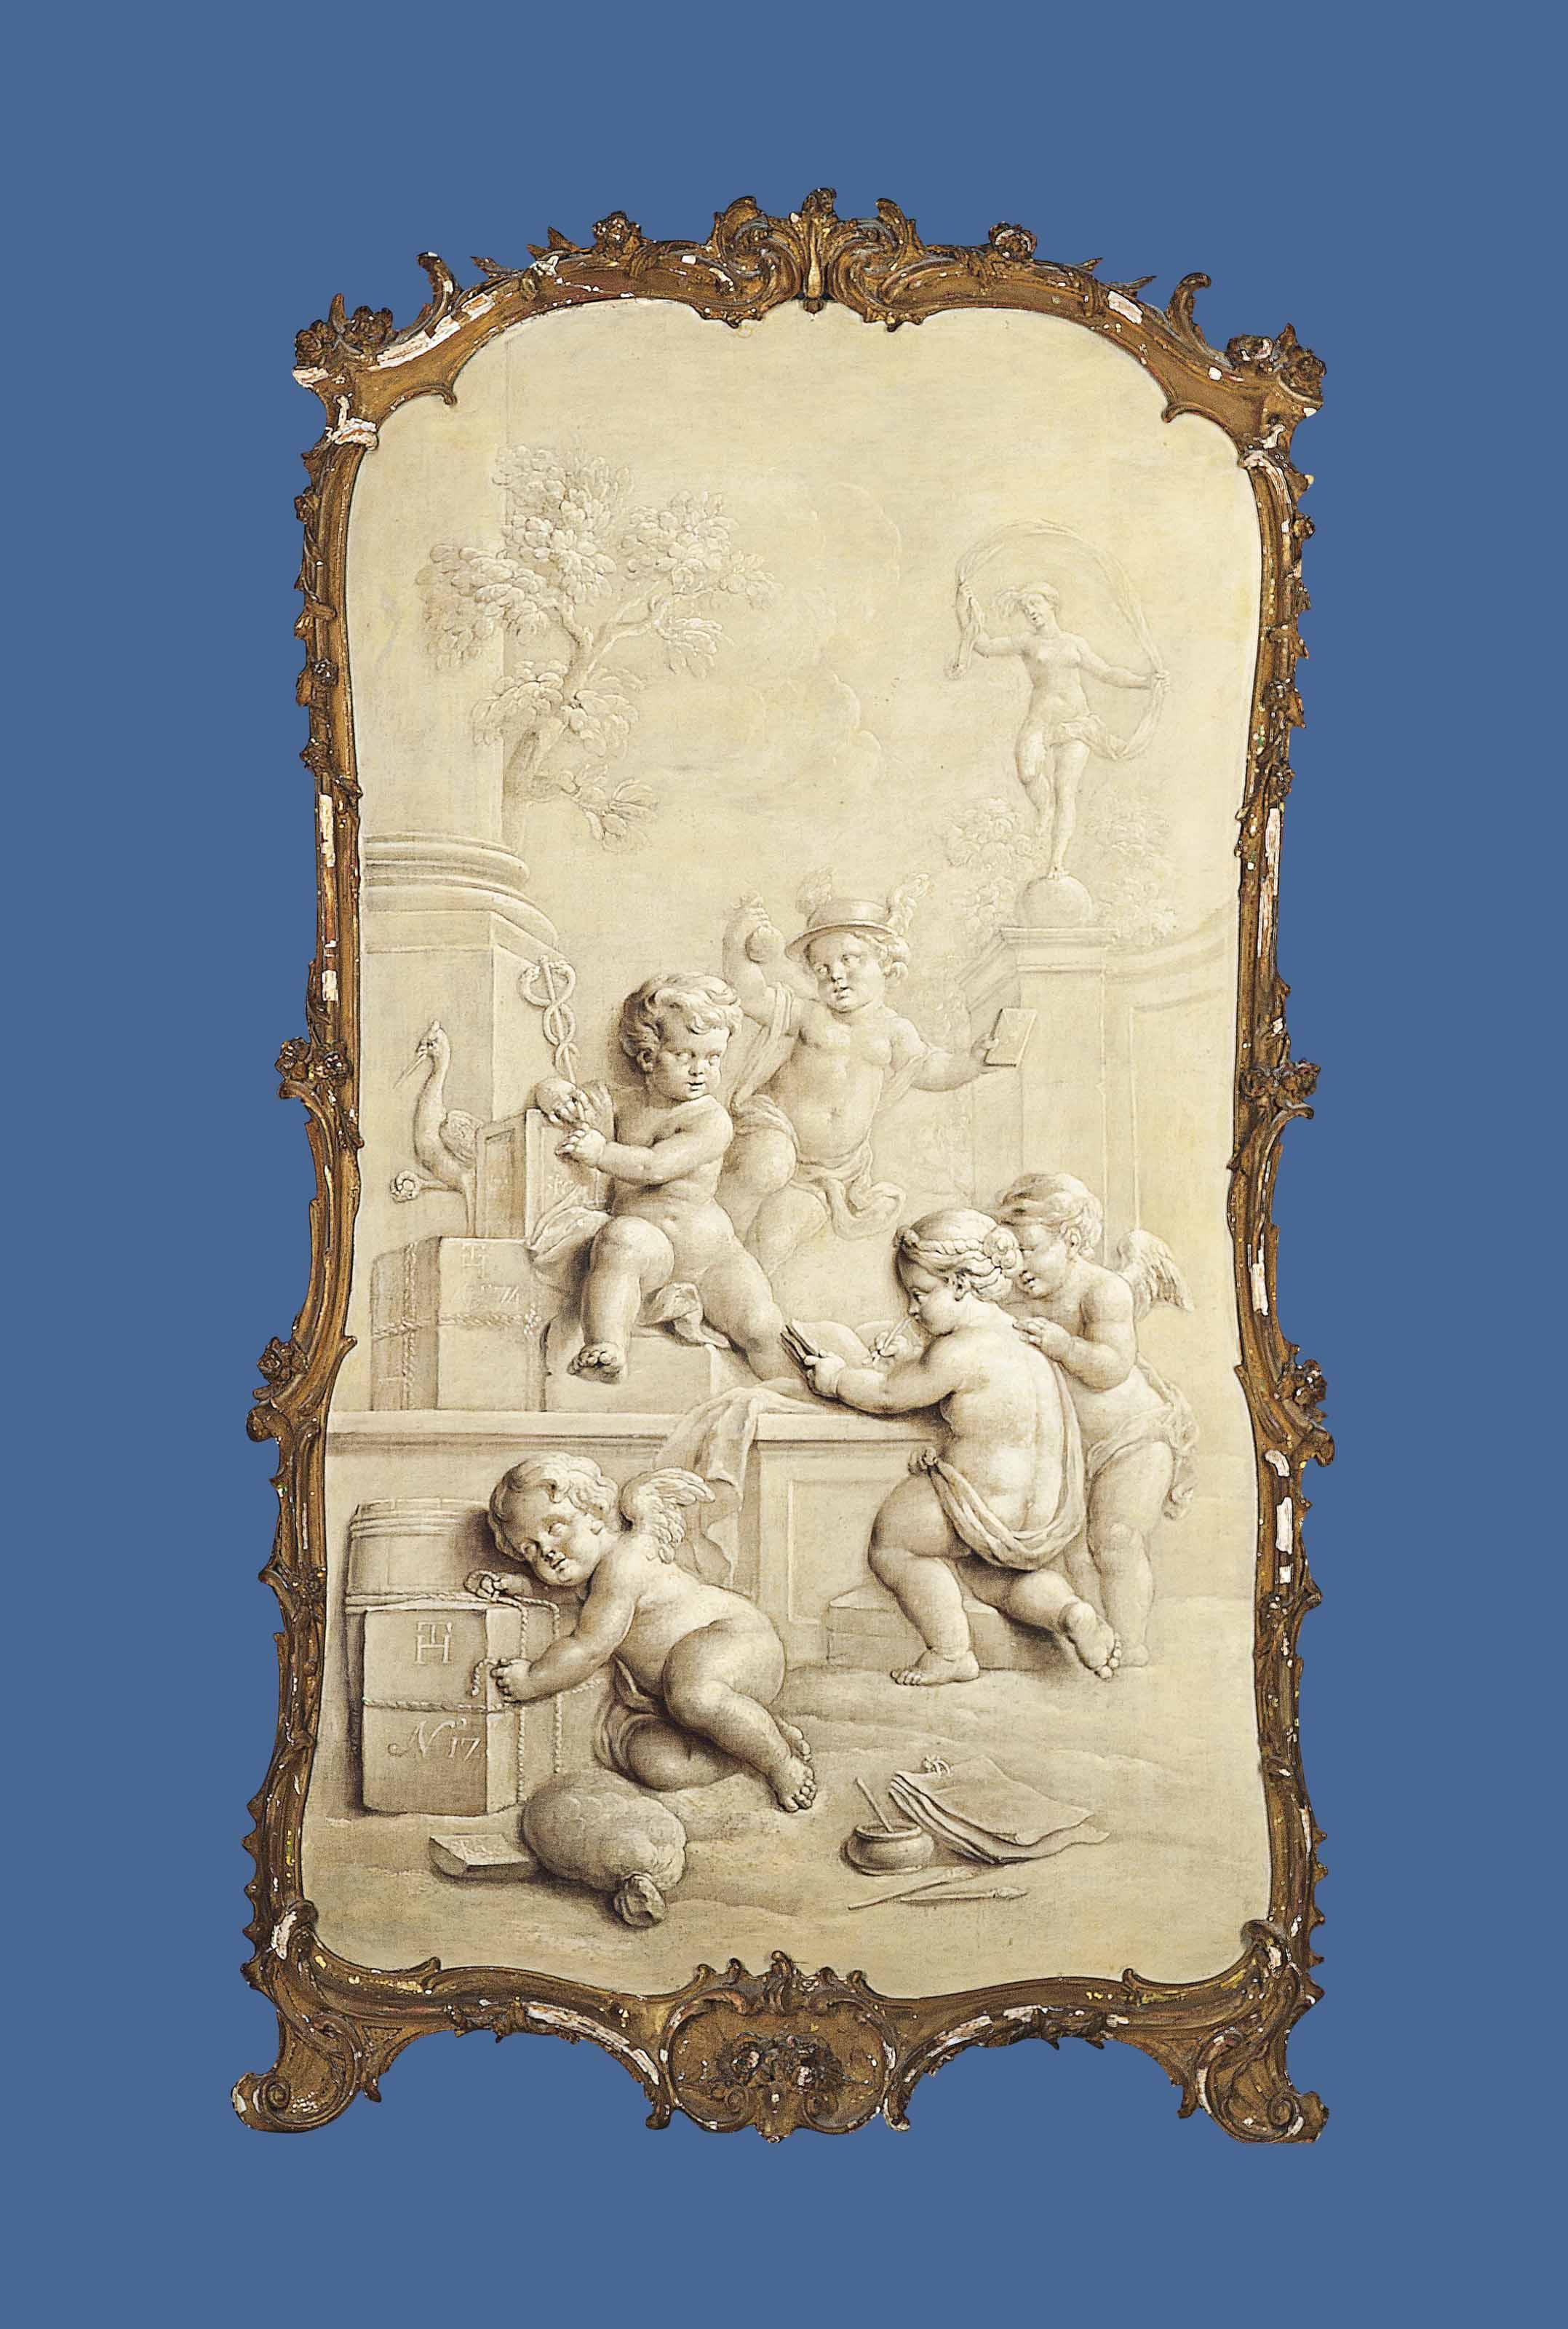 Circle of Jacob de Wit (1695-1